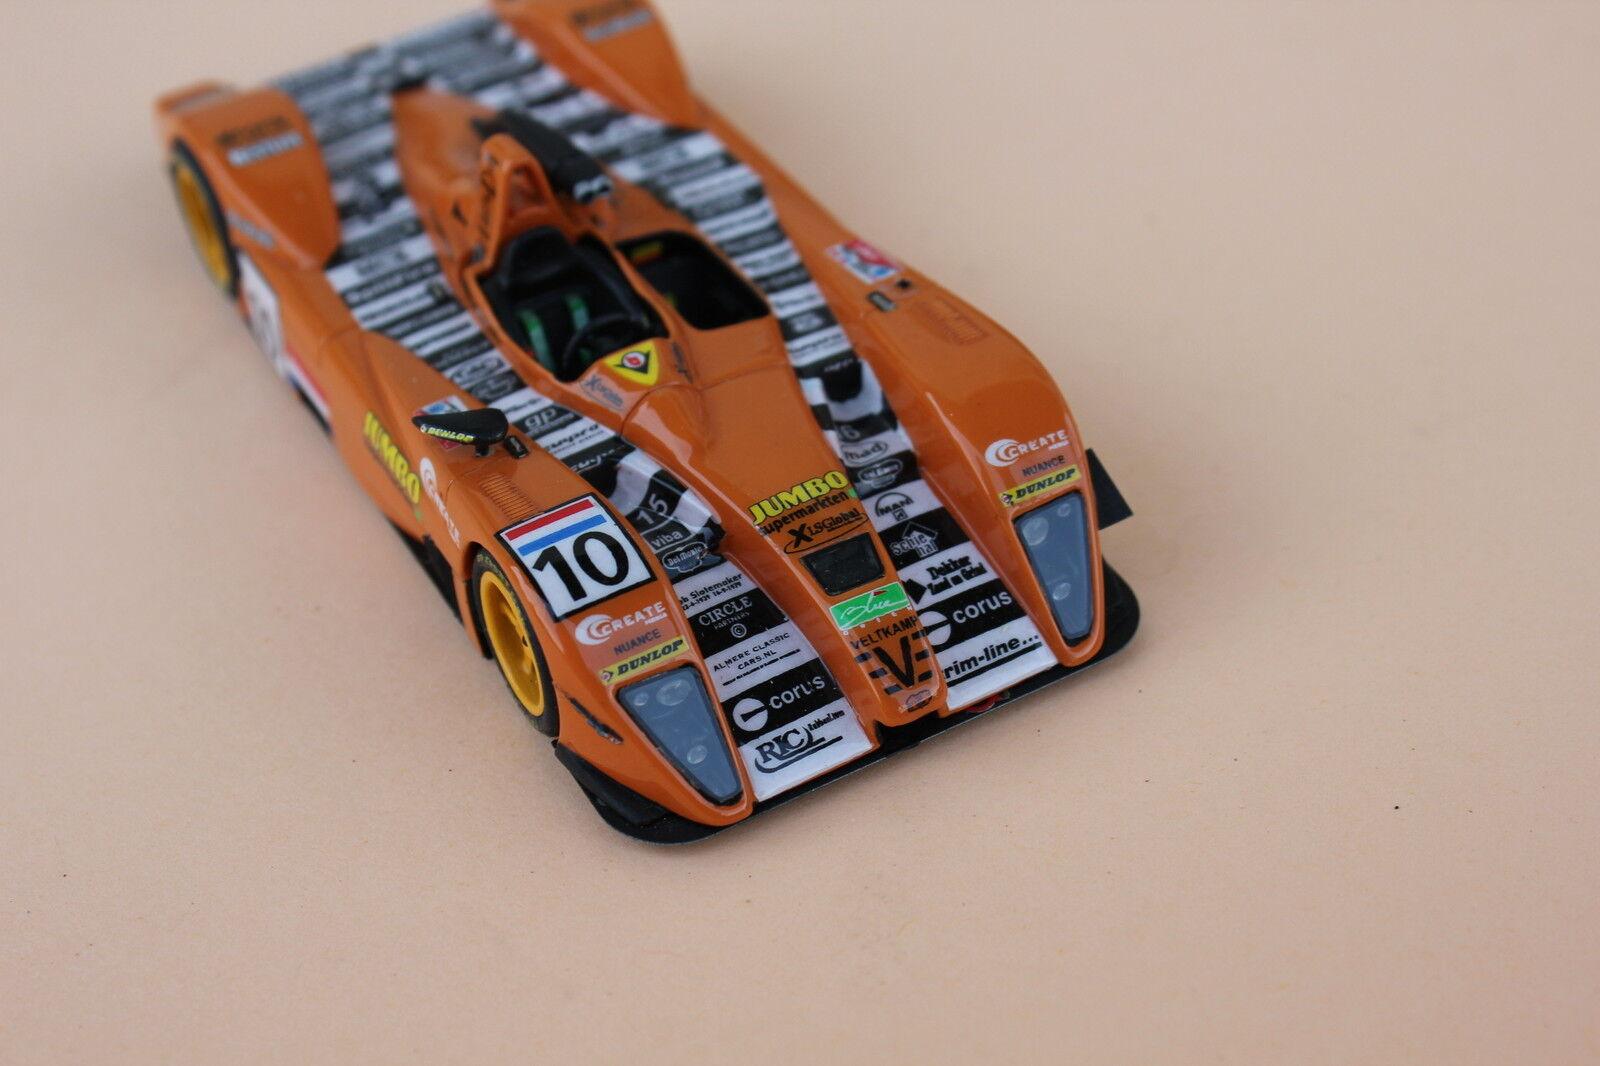 Hk Coche Dome Judd Carreras N° 10 10 10 Le Mans 2005 1 43 Heco Provence Miniaturas 307edb